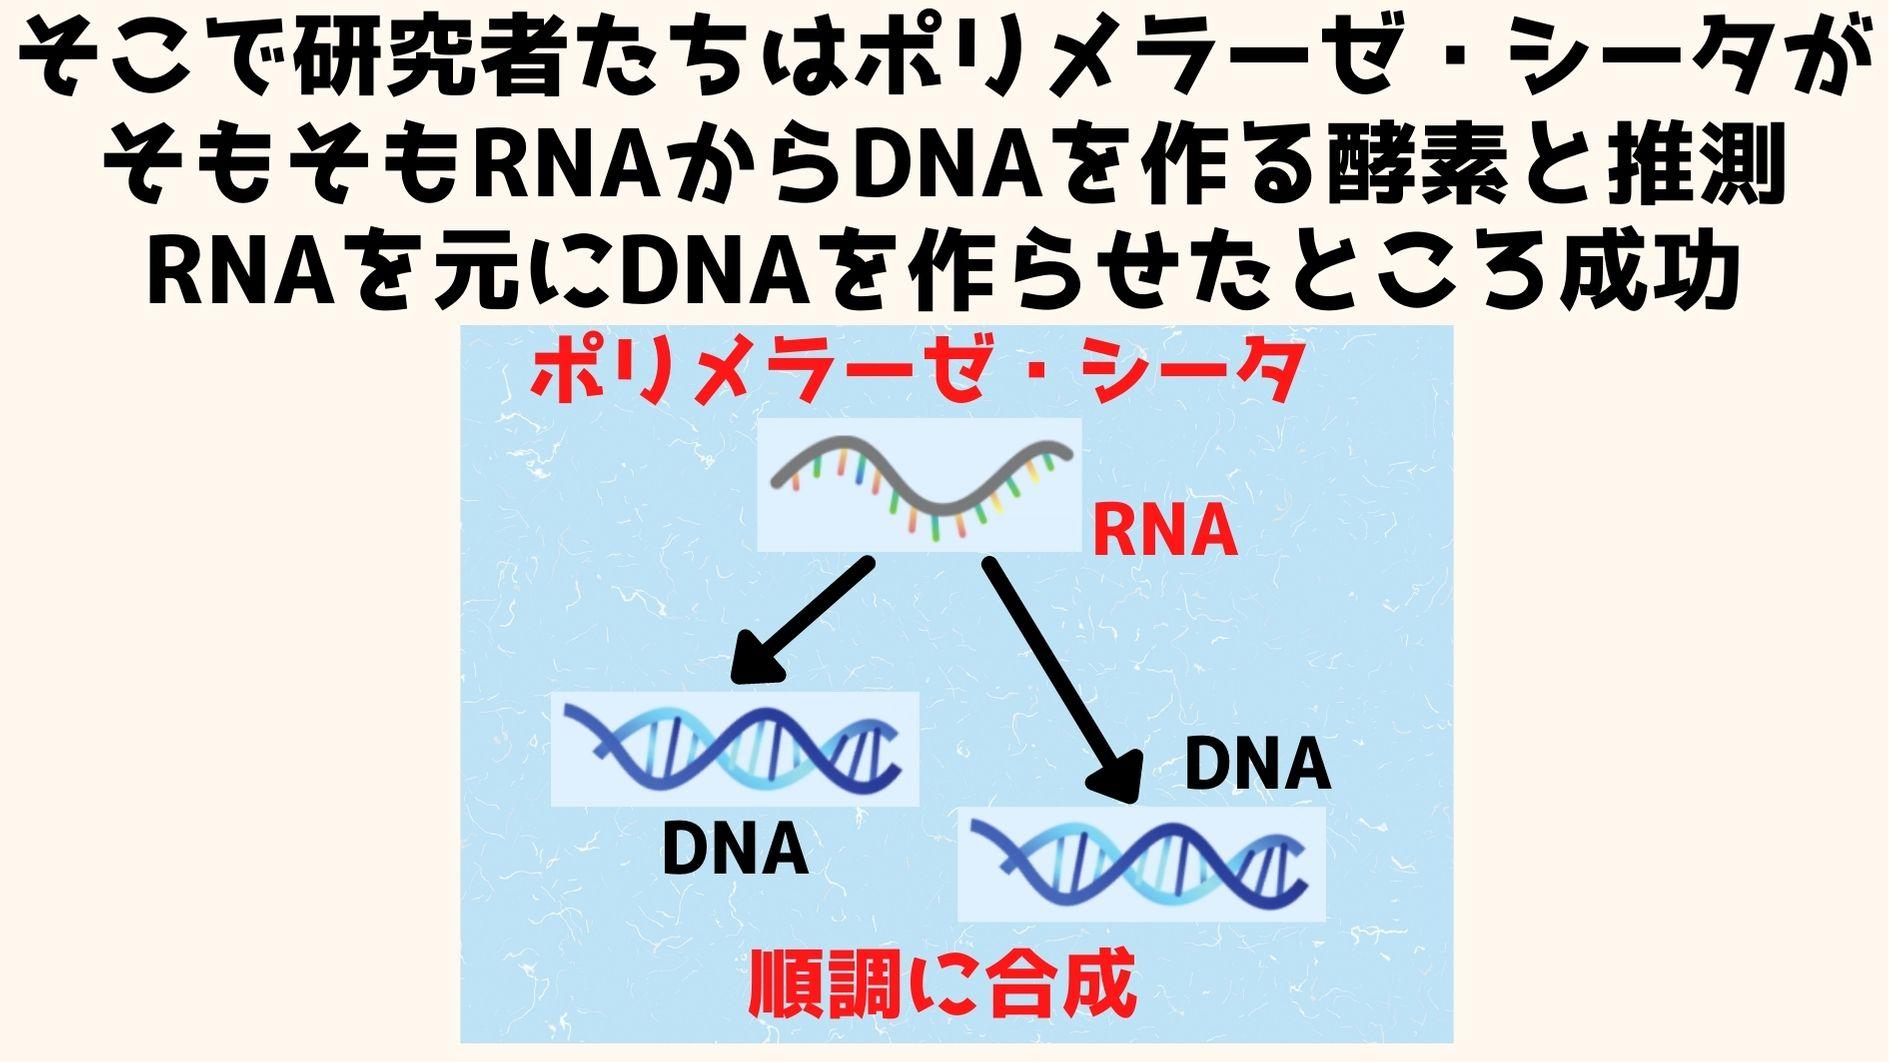 そもそもポリメラーゼ・シータ派DNAからDNAを作る酵素ではなくRNAからDNAを作る酵素だった